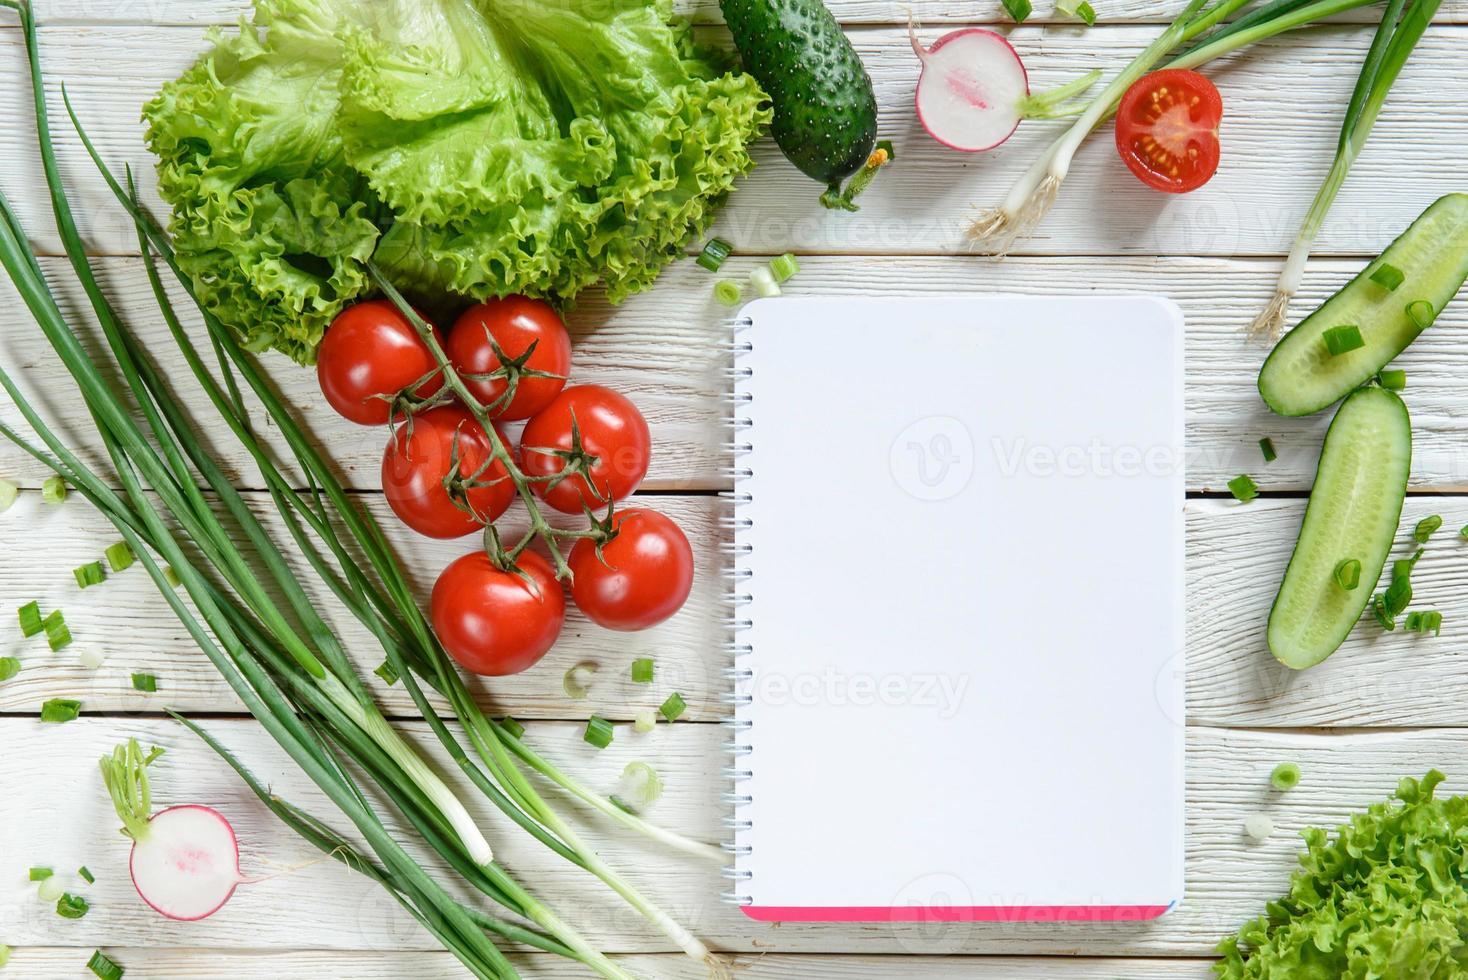 lista de compras con verduras de ensalada foto